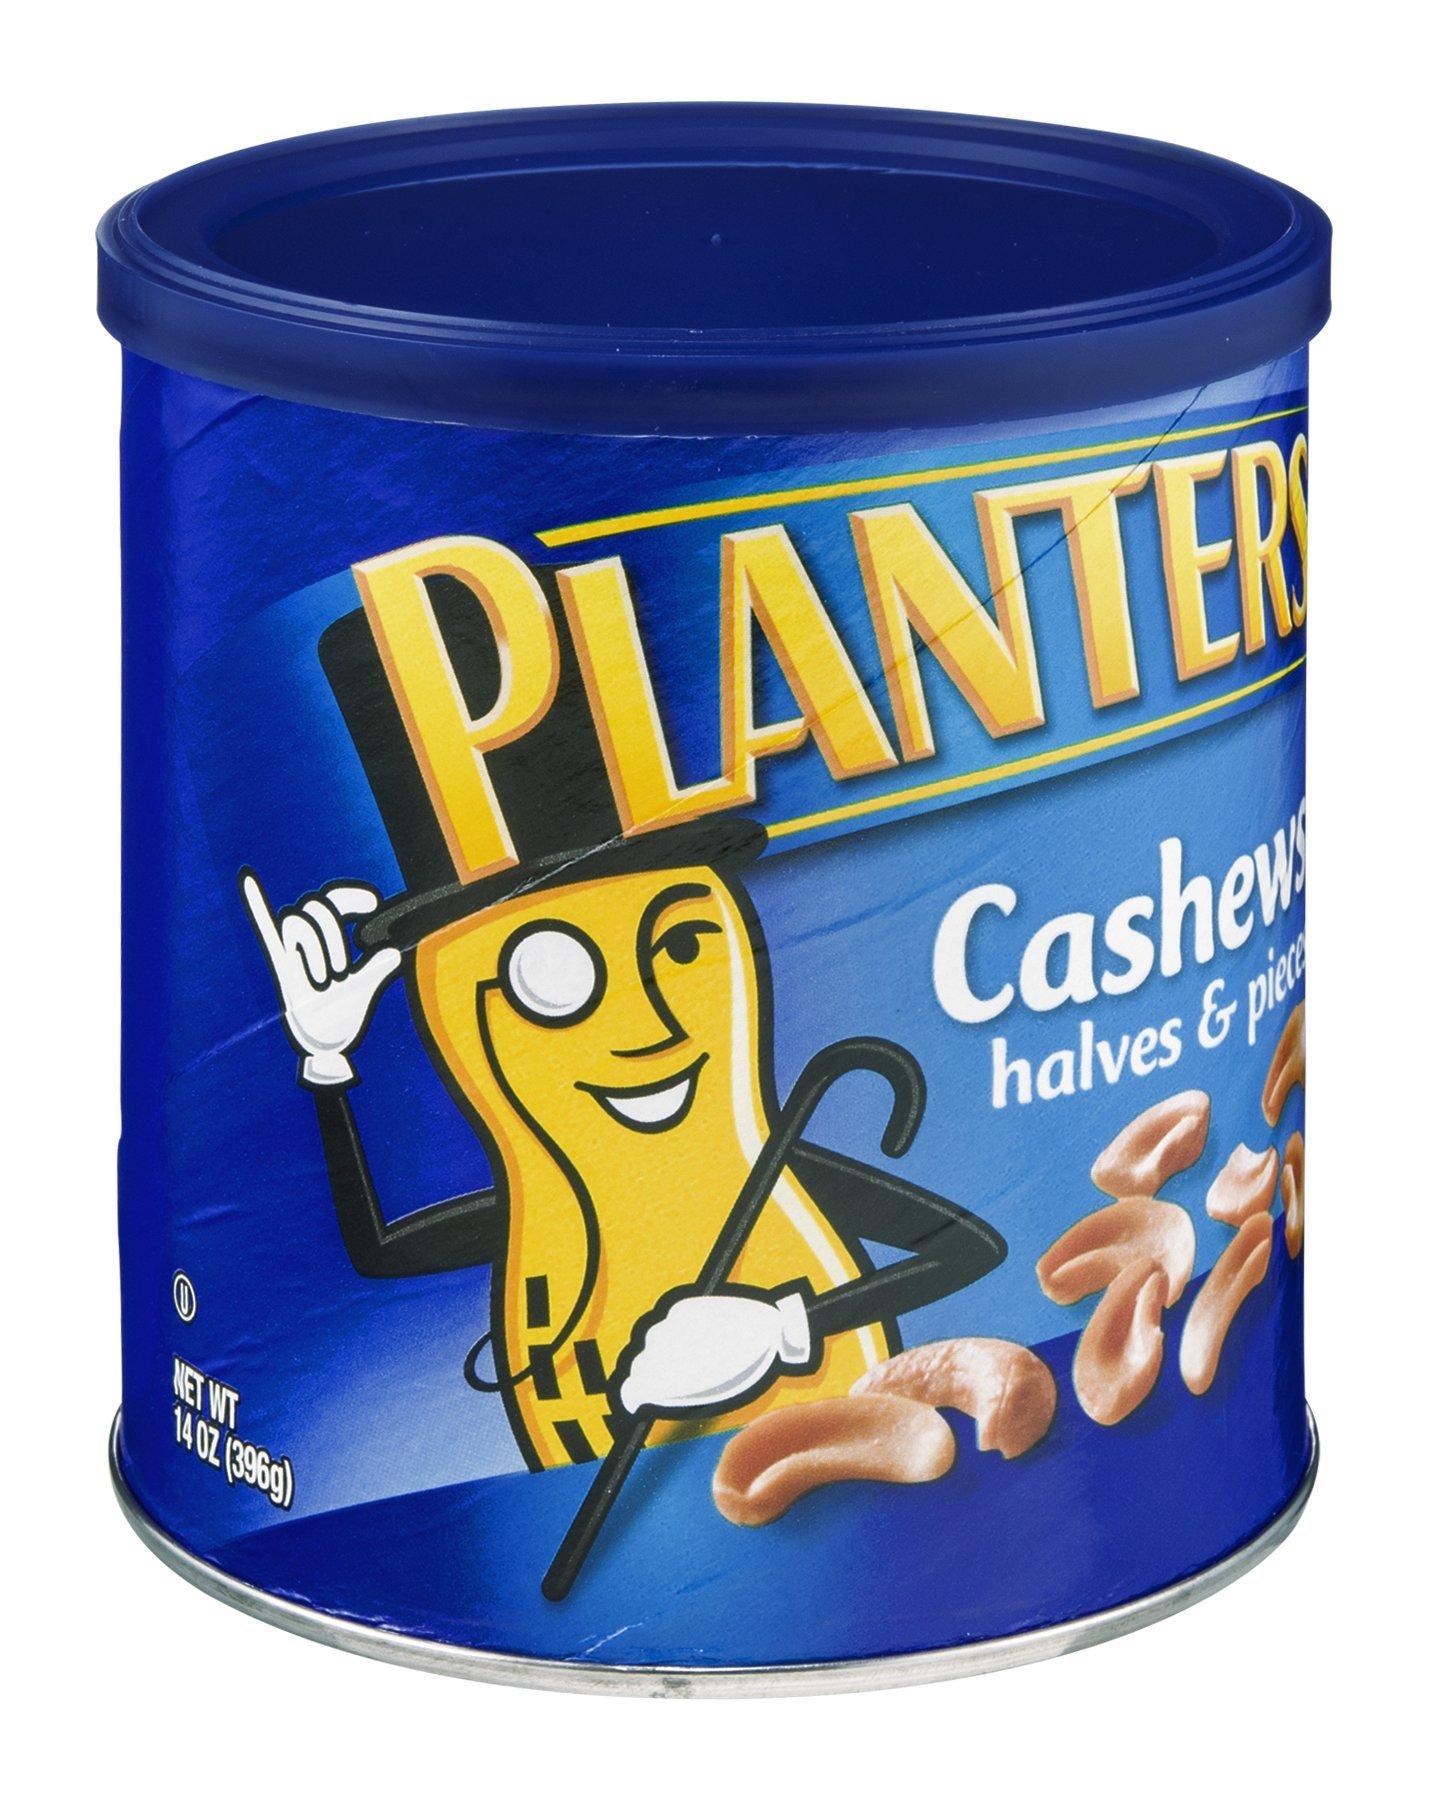 Planters Halves and Pieces Cashew, 14 Ounce -- 12 per case.